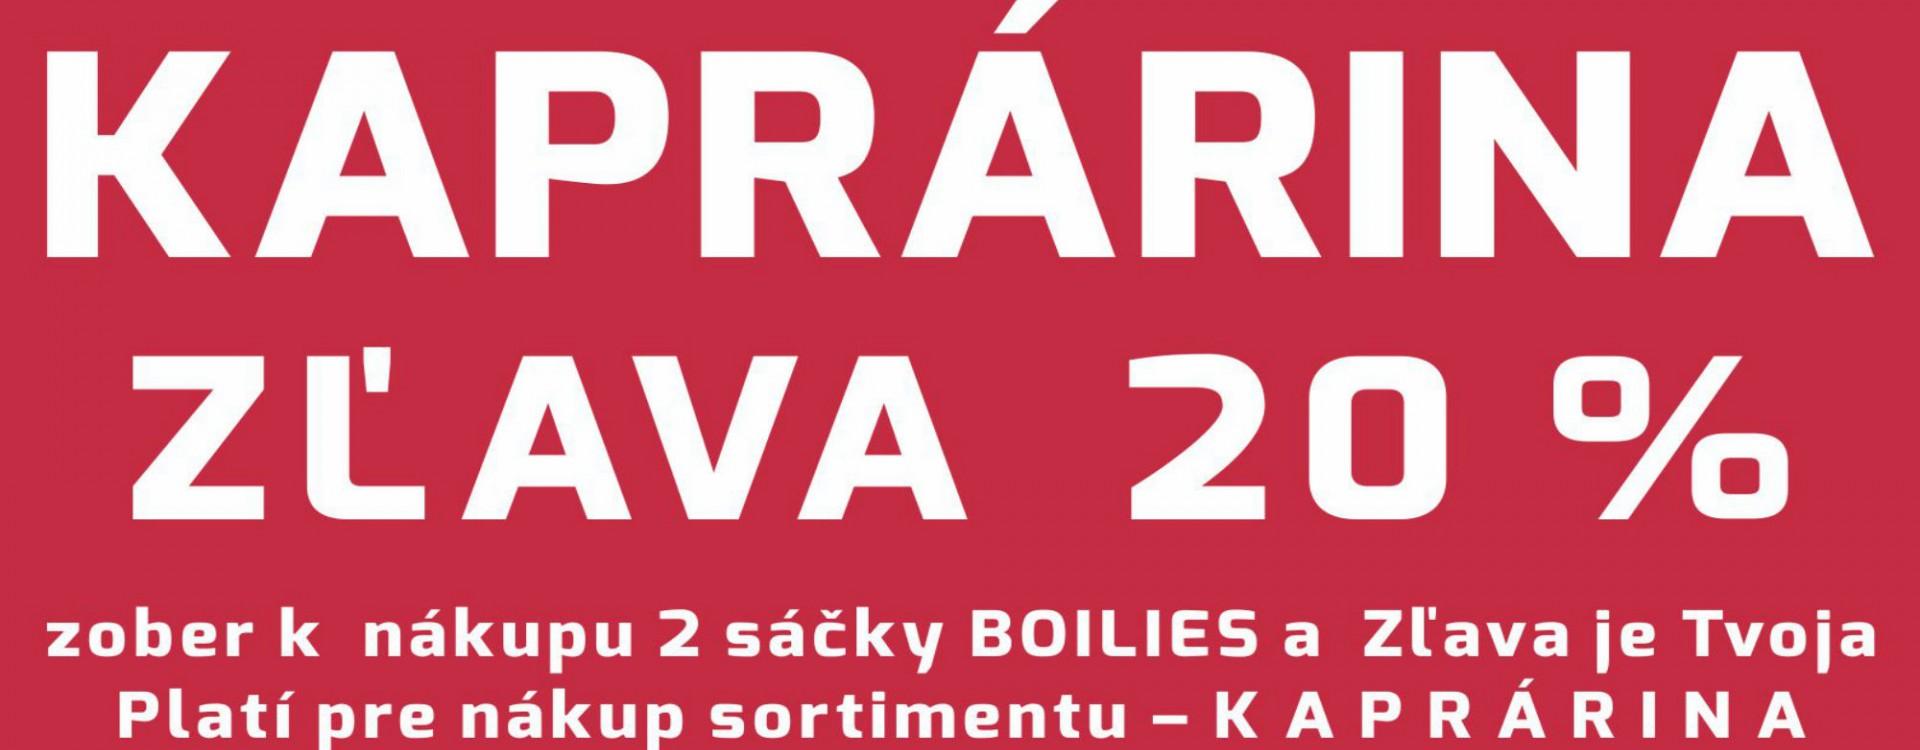 8d5bc74a7 PodSplavom.sk | Rybárske-potreby, Prívlač, Kaprárina, Feeder, Lov ...